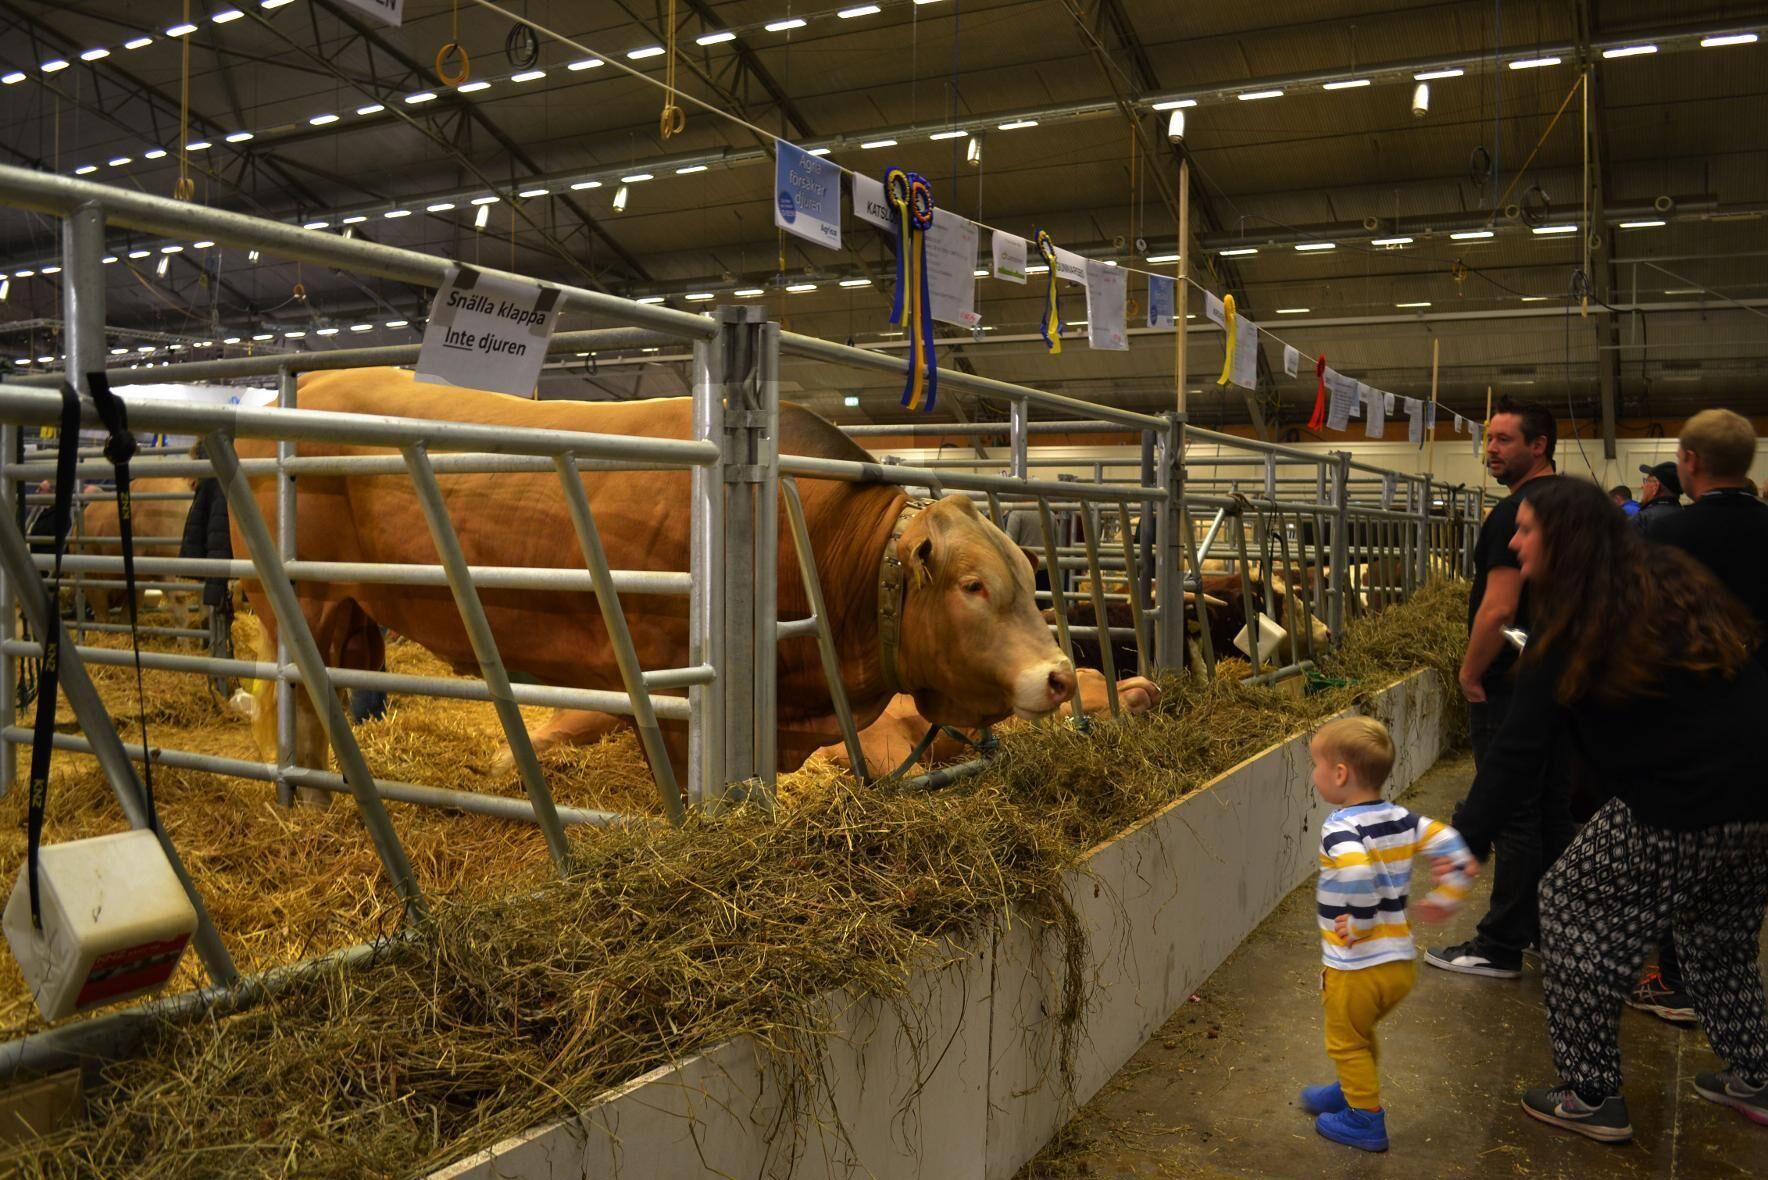 På Elmia Lantbruk i februari kommer det att visas upp många kött- och mjölkdjur. Bild från ett tidigare mässtillfälle.